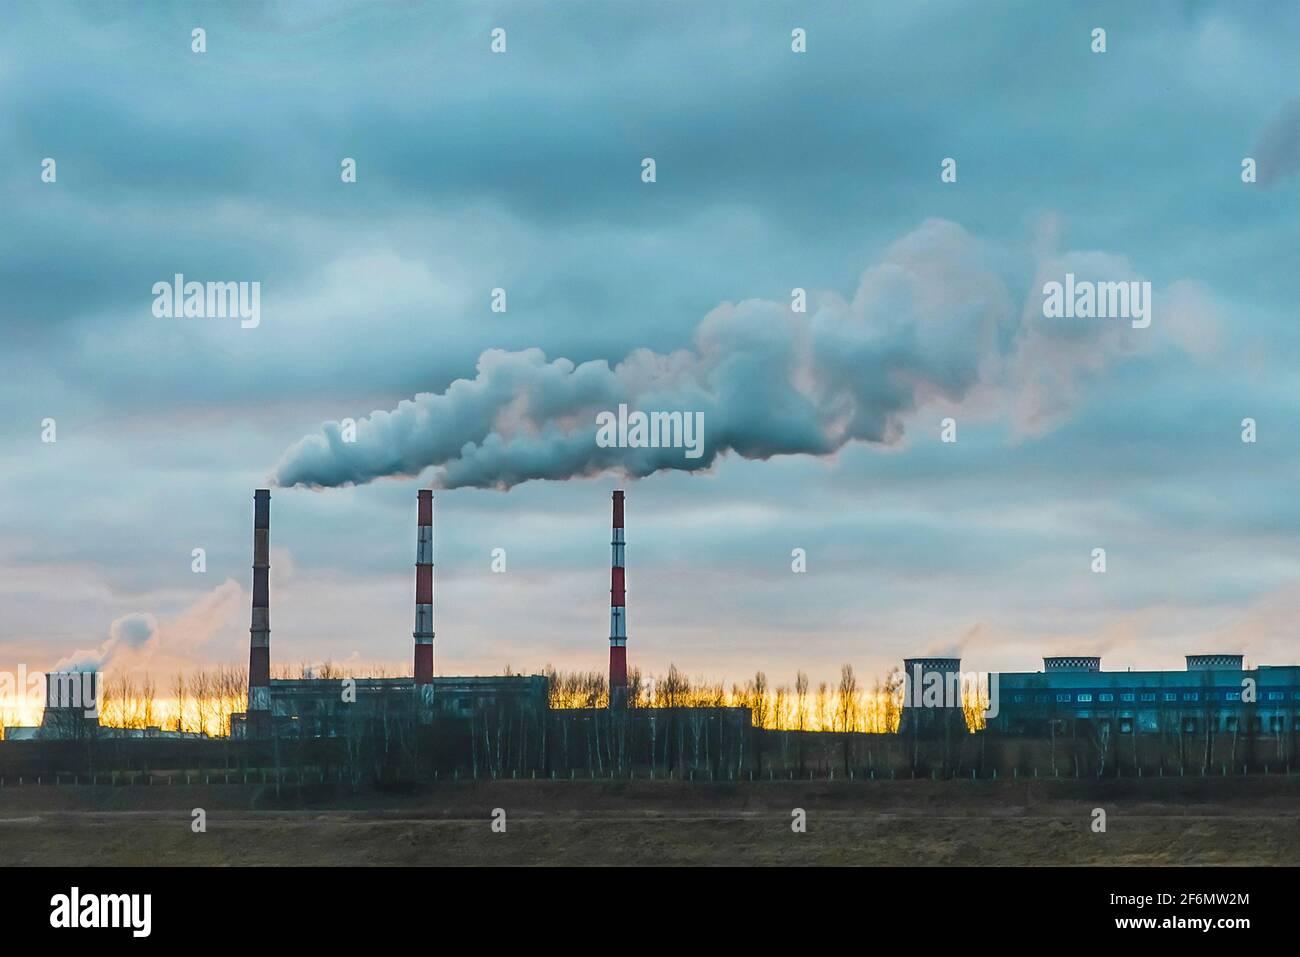 Pollution de l'environnement, problème environnemental, fumée de la cheminée d'une usine industrielle ou d'une centrale thermique contre un ciel bleu nuageux. Banque D'Images